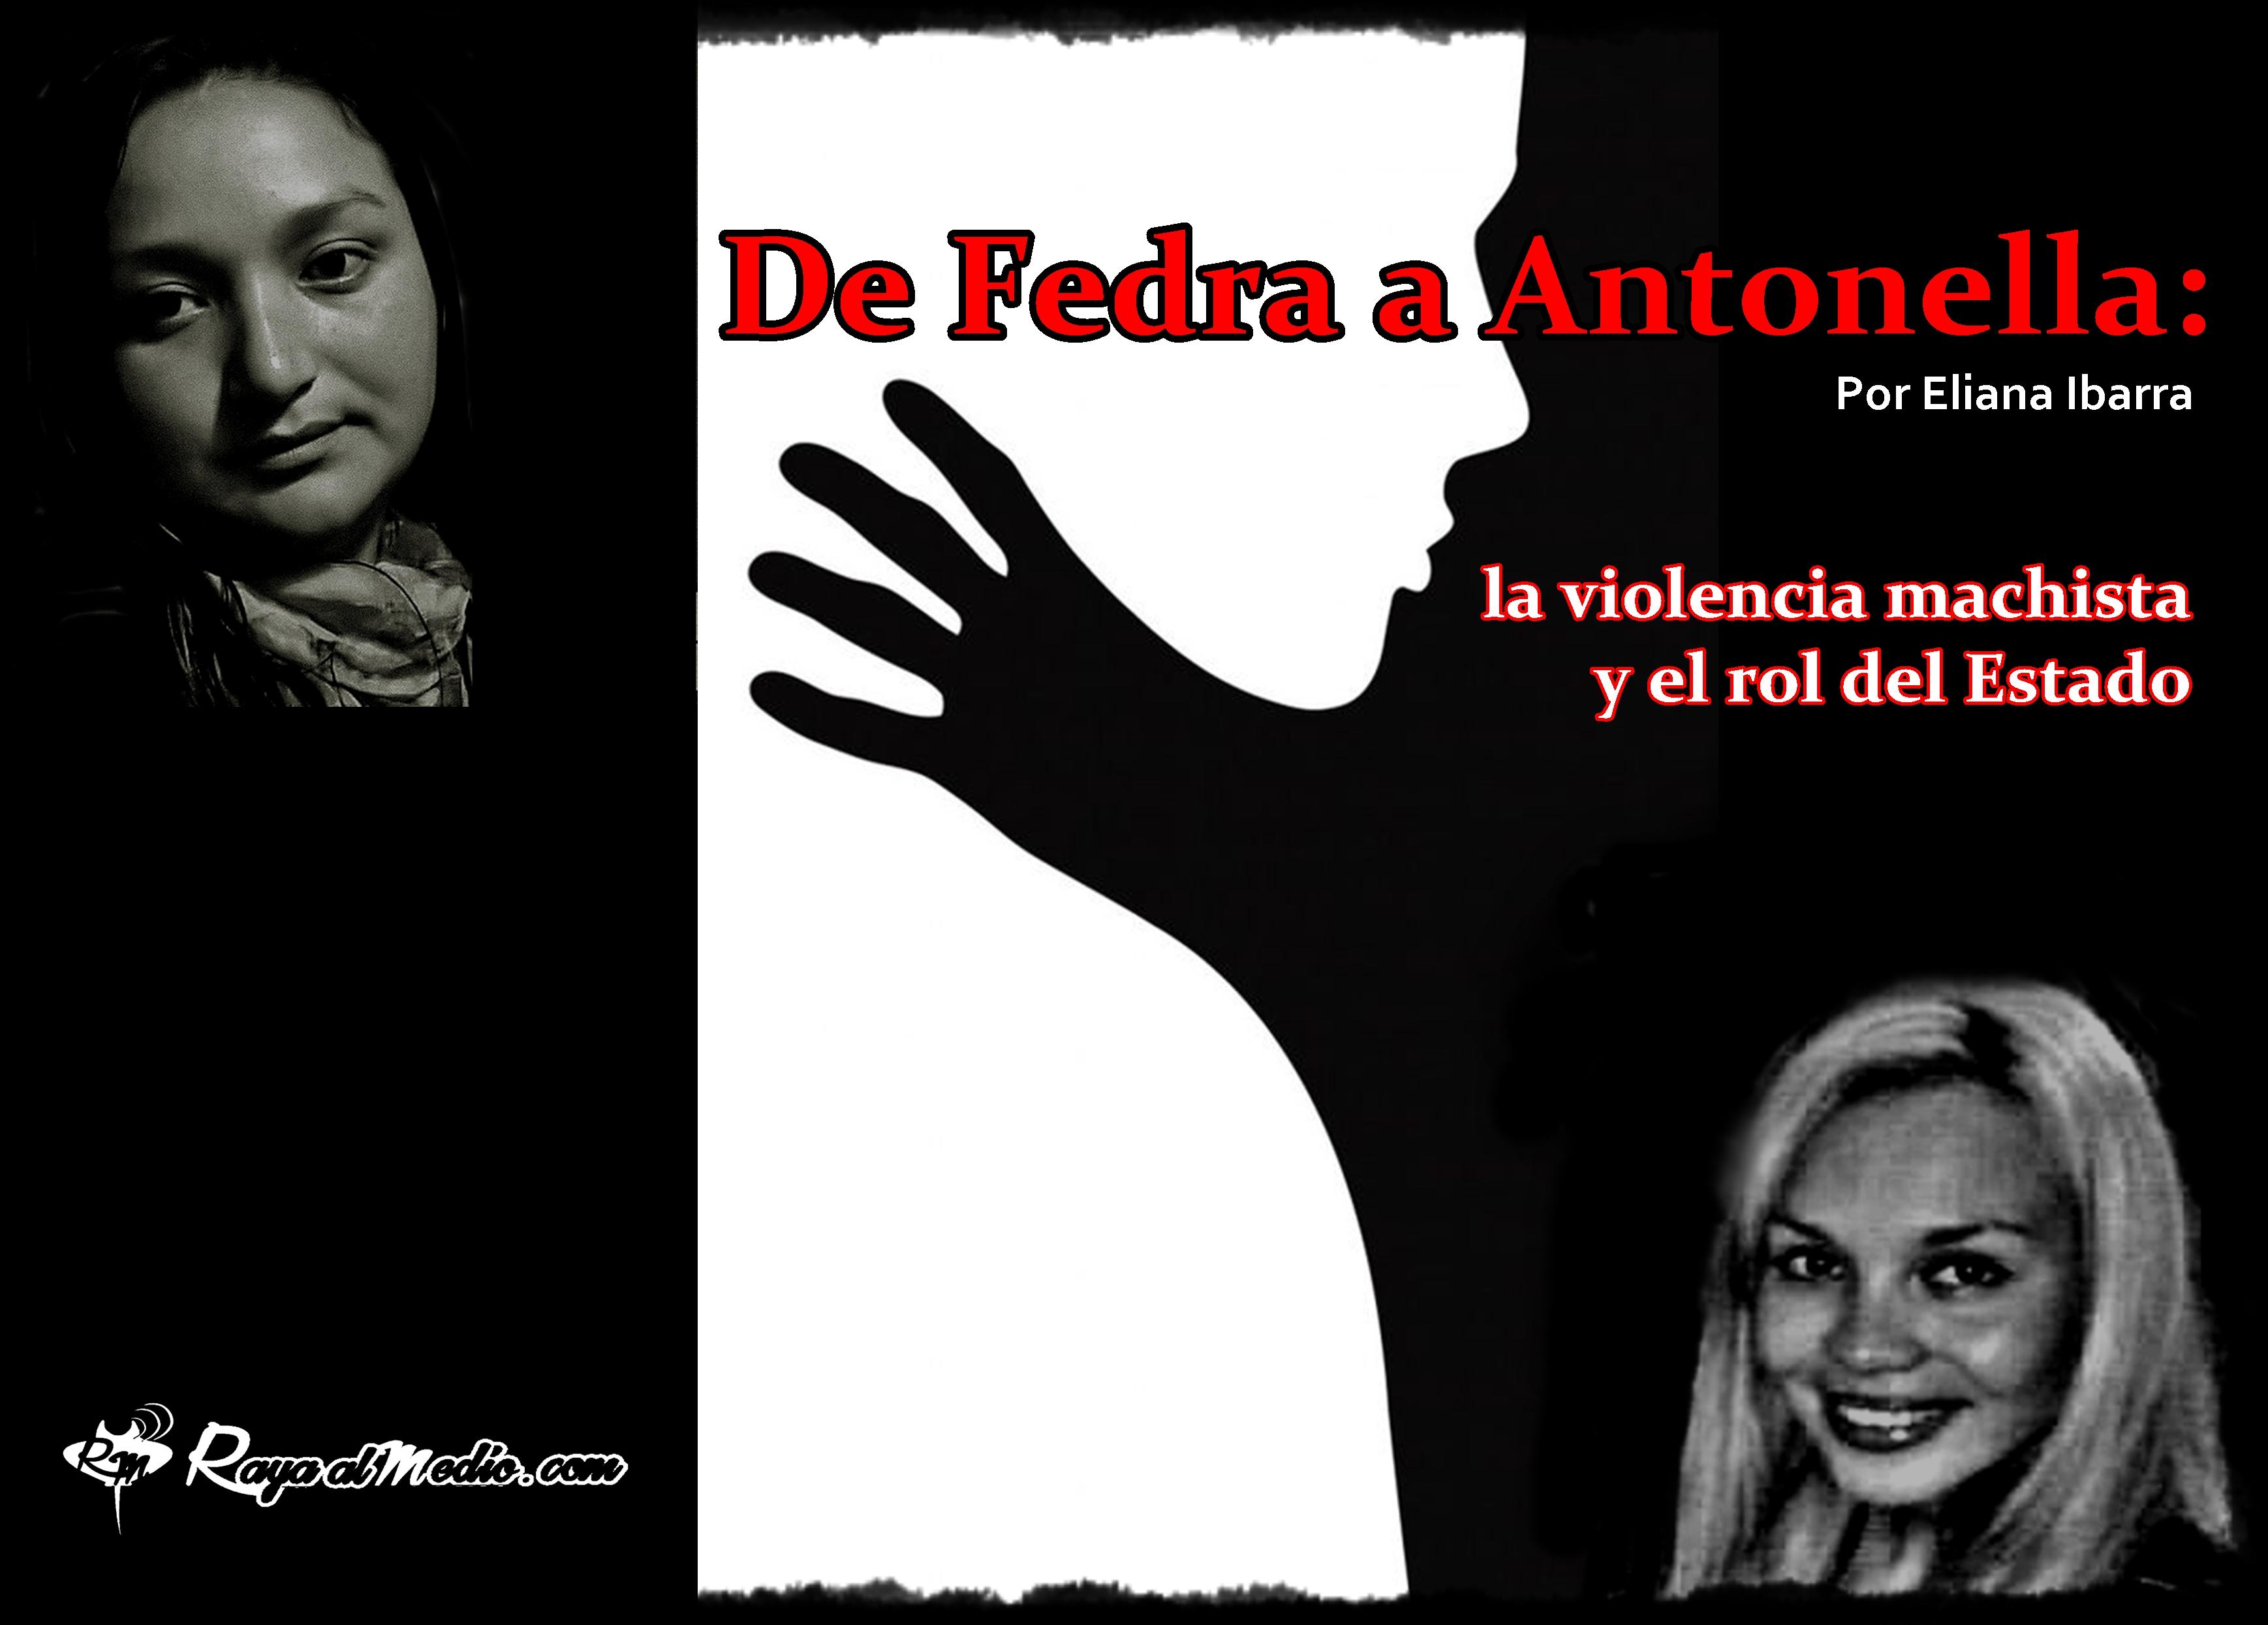 De Fedra a Antonella: la violencia machista y el rol del Estado